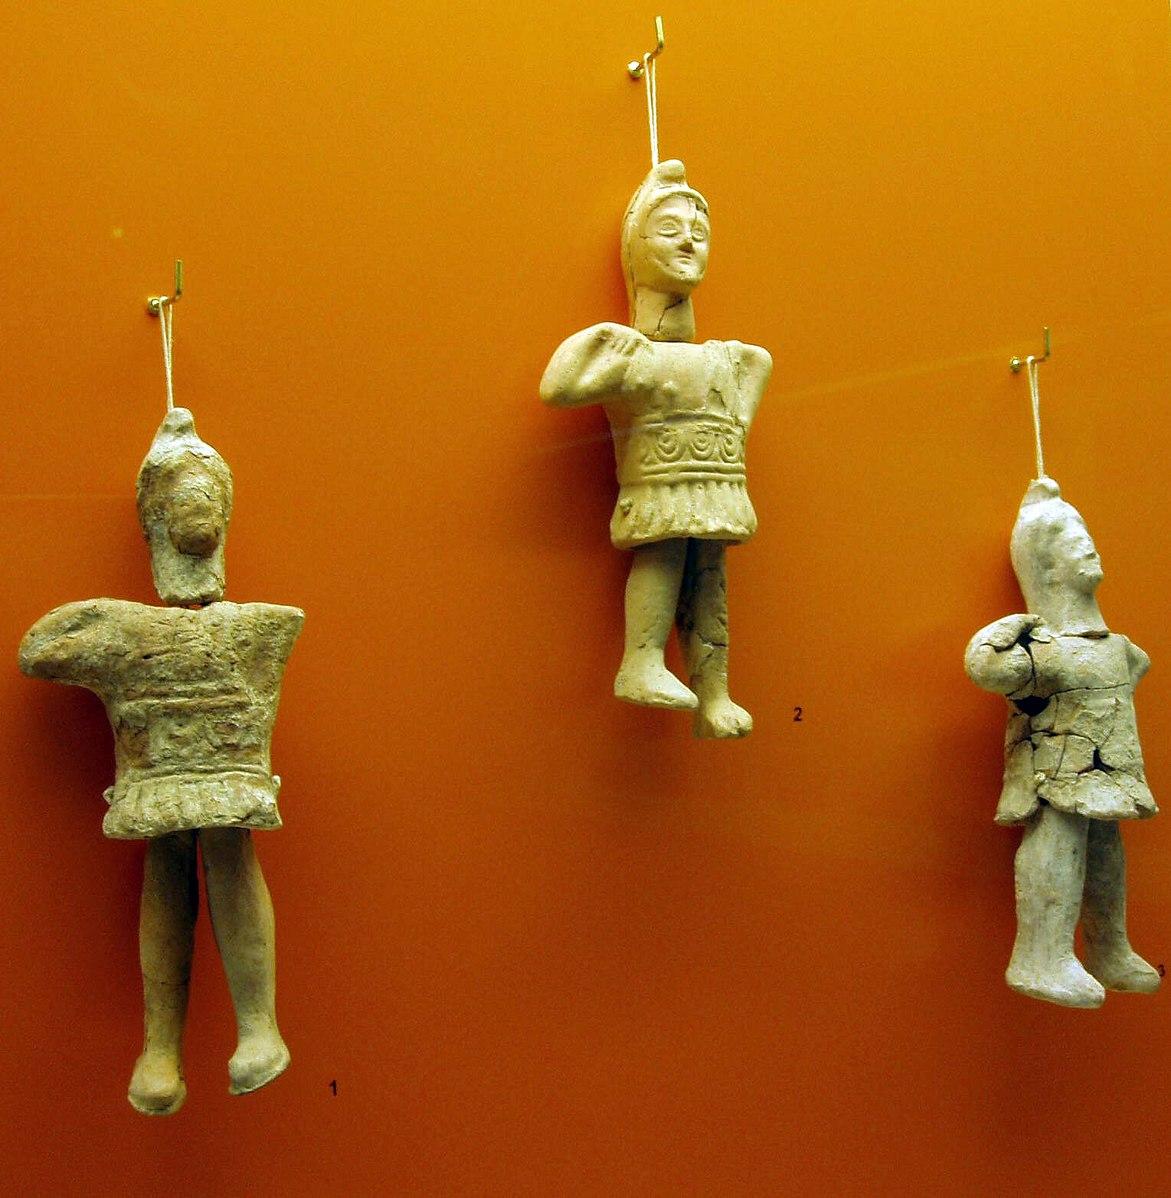 картинки древнеегипетского театра кукол может быть